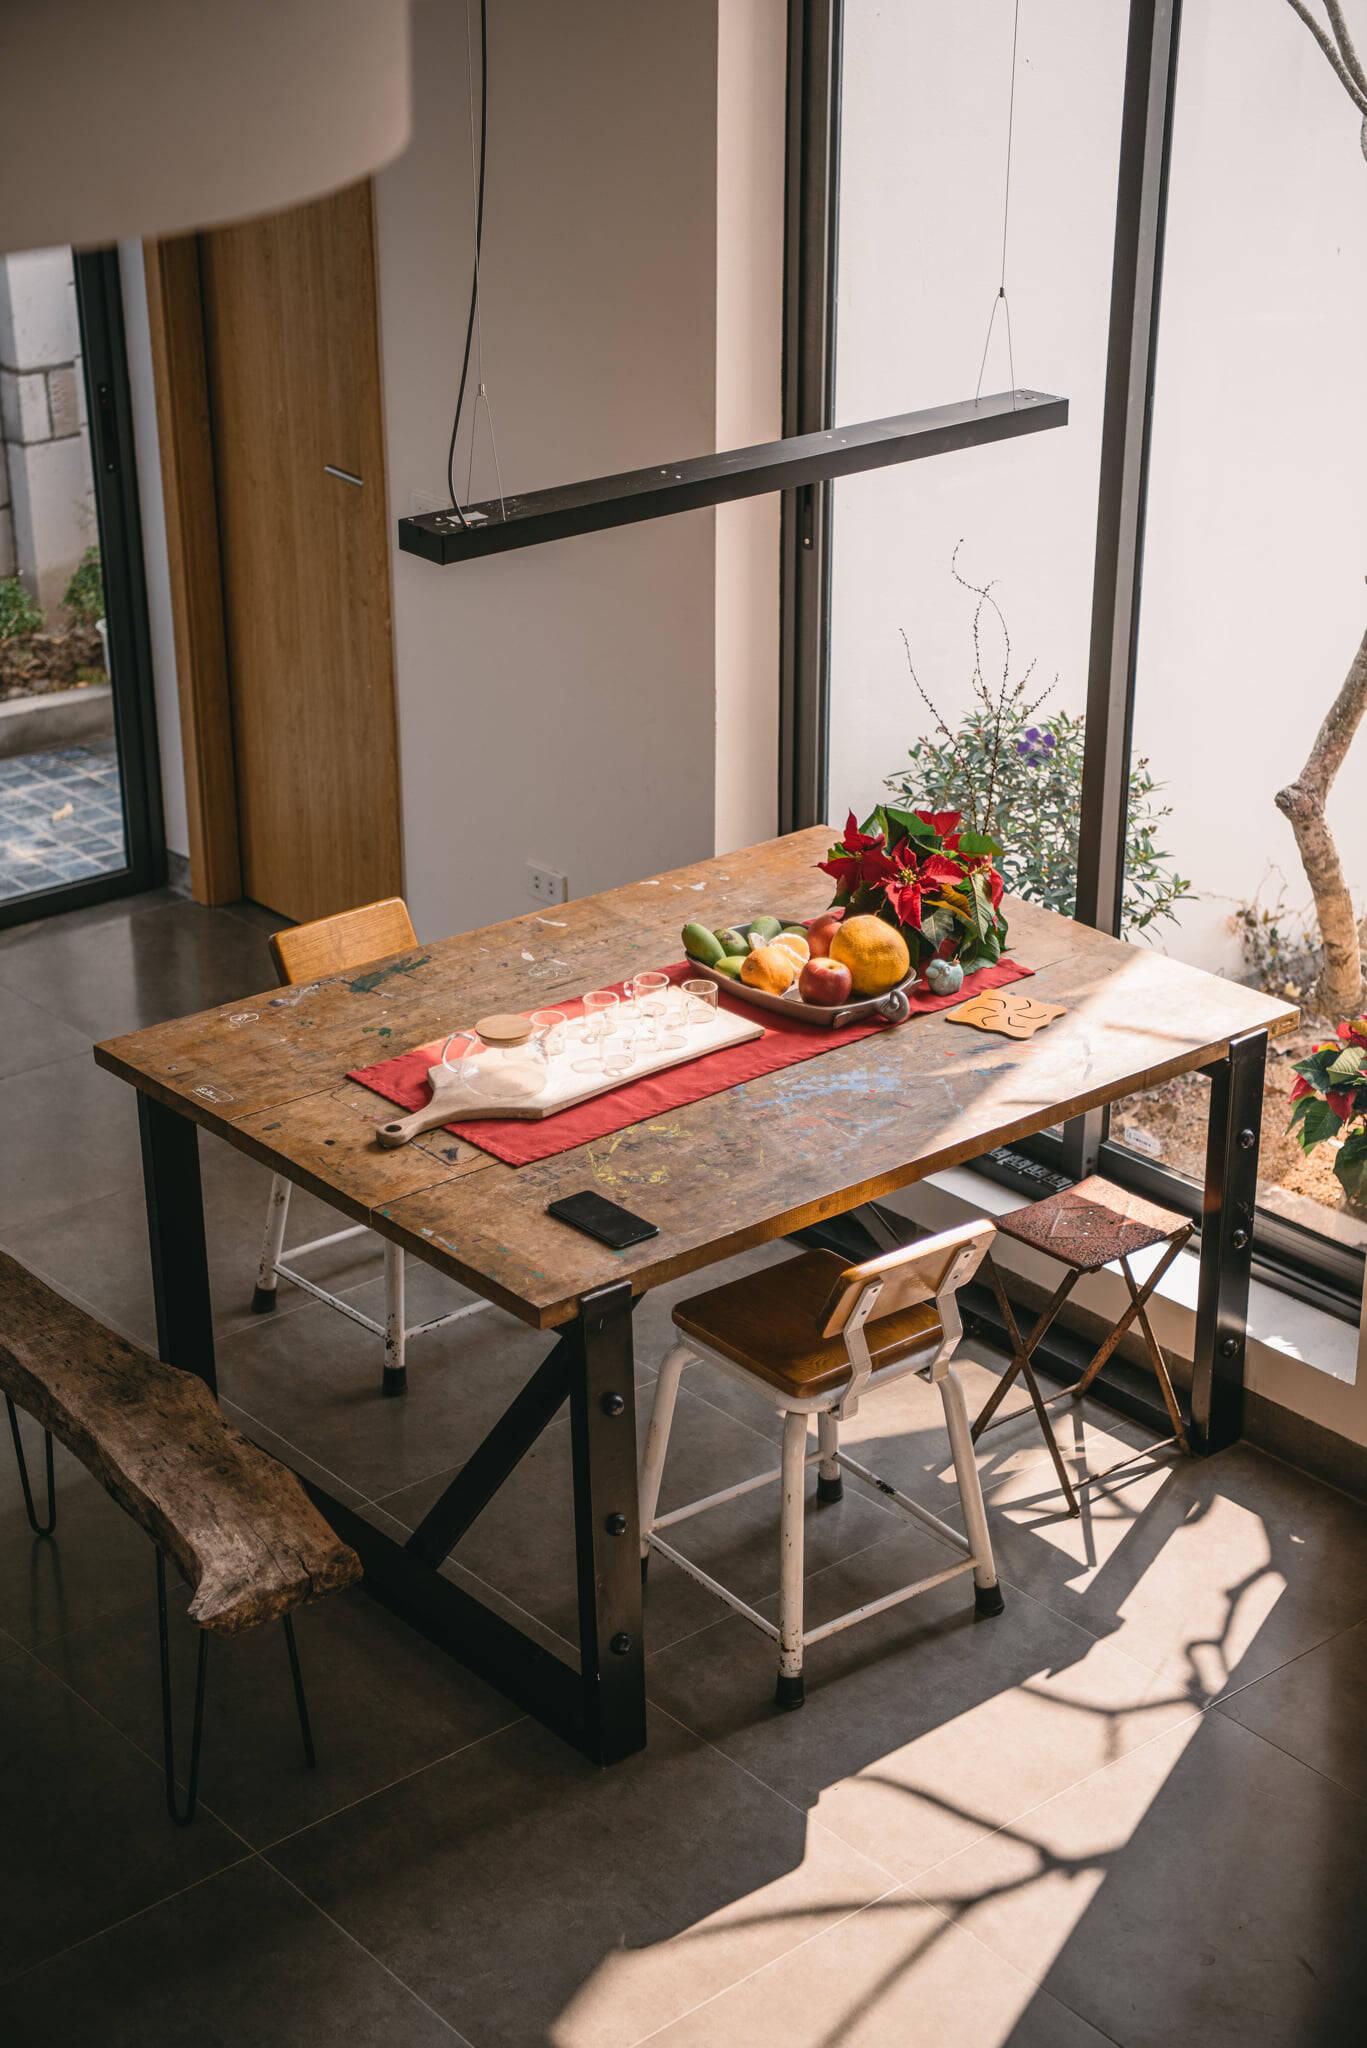 """Bộ bàn ăn """"độc nhất vô nhị"""" của vợ chồng anh Khánh hòa quyện với thiên nhiên gần gũi"""